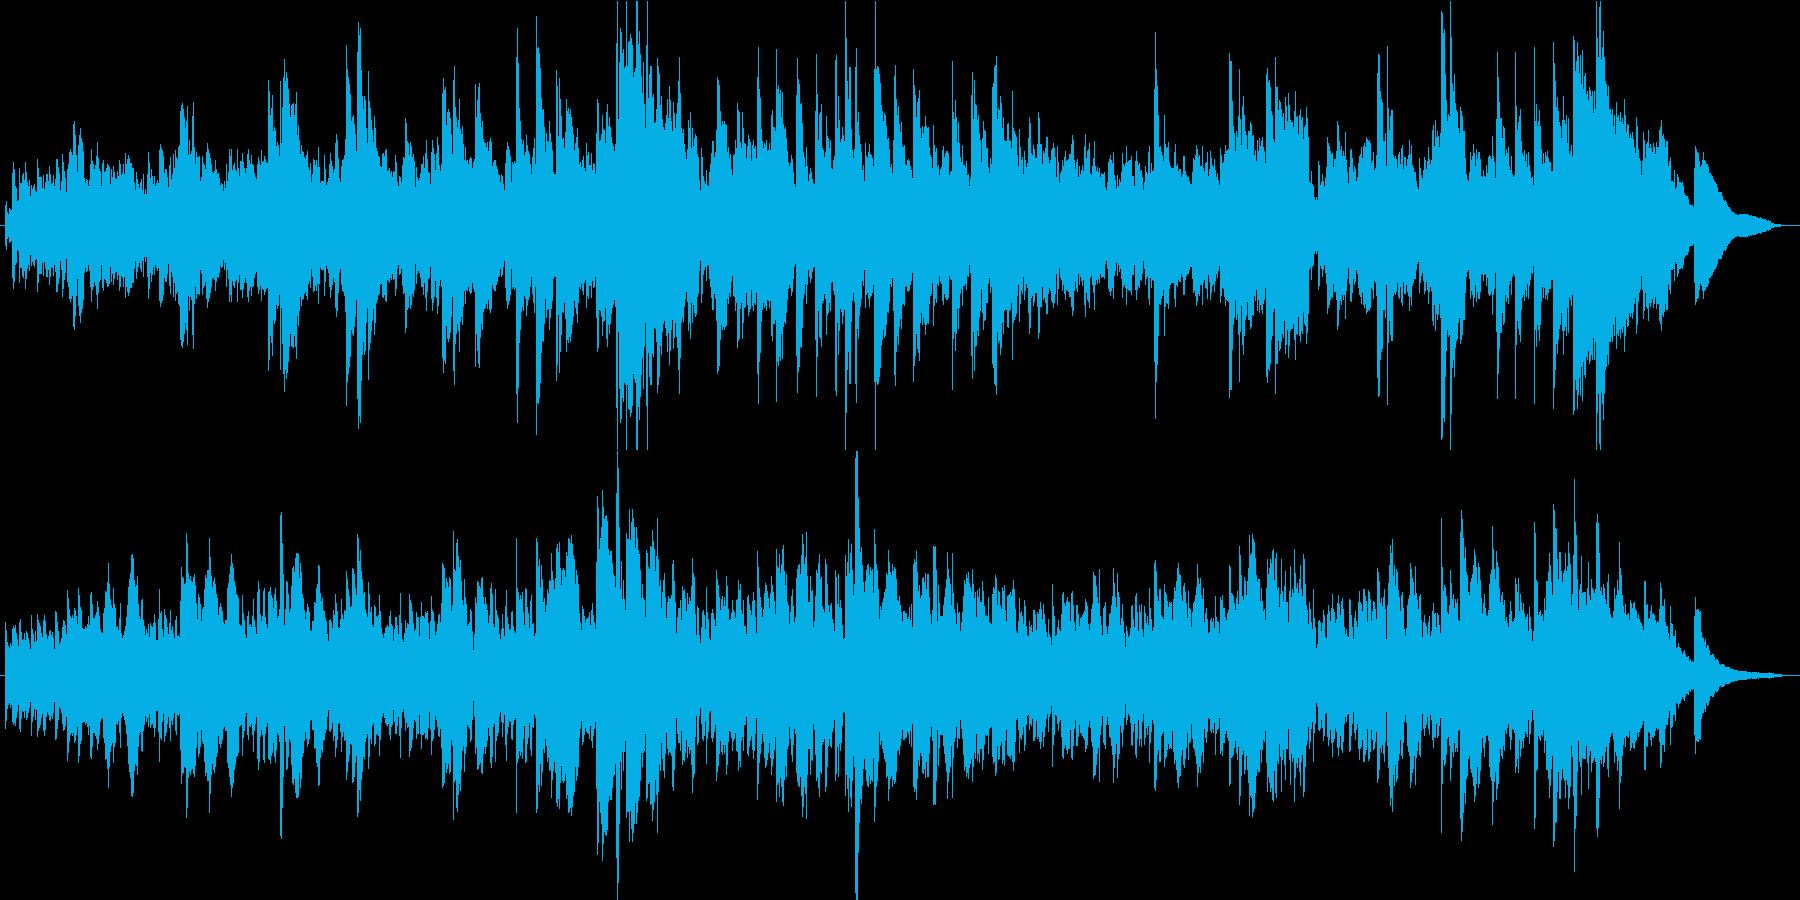 初恋の甘酸っぱさ(ピアノソロ)の再生済みの波形